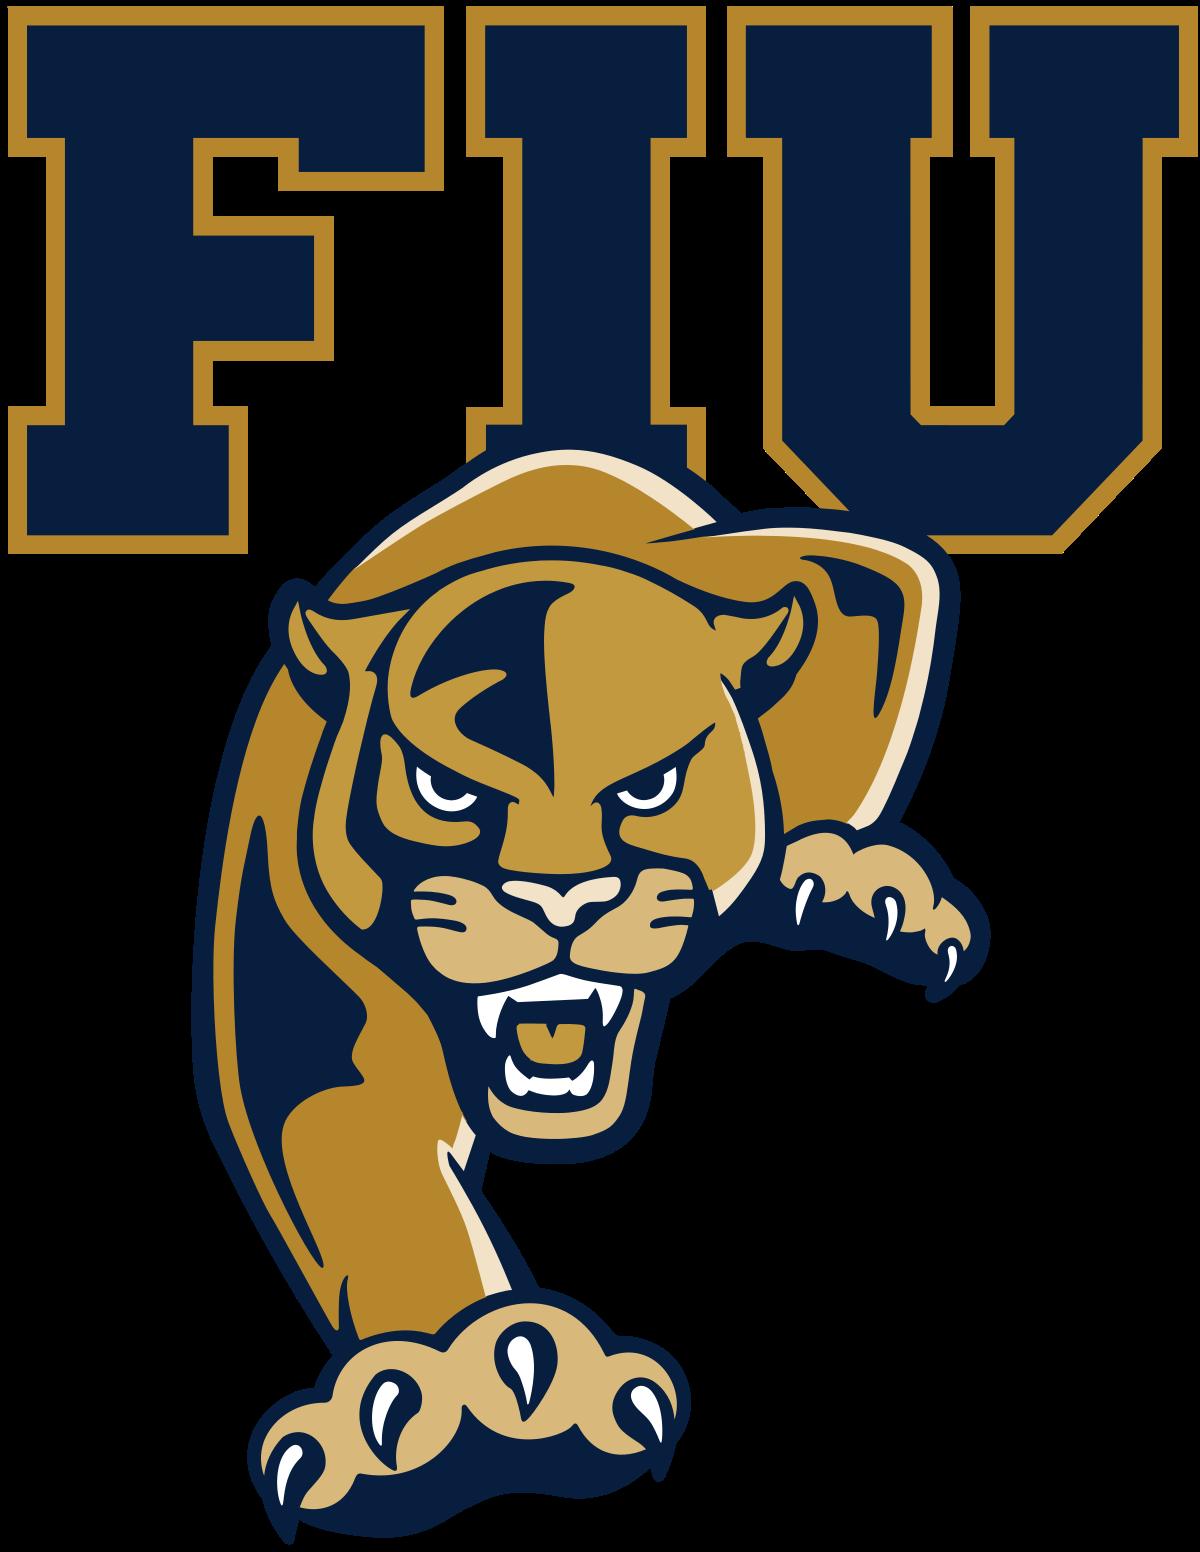 Gator clipart florida university. Fiu panthers wikipedia